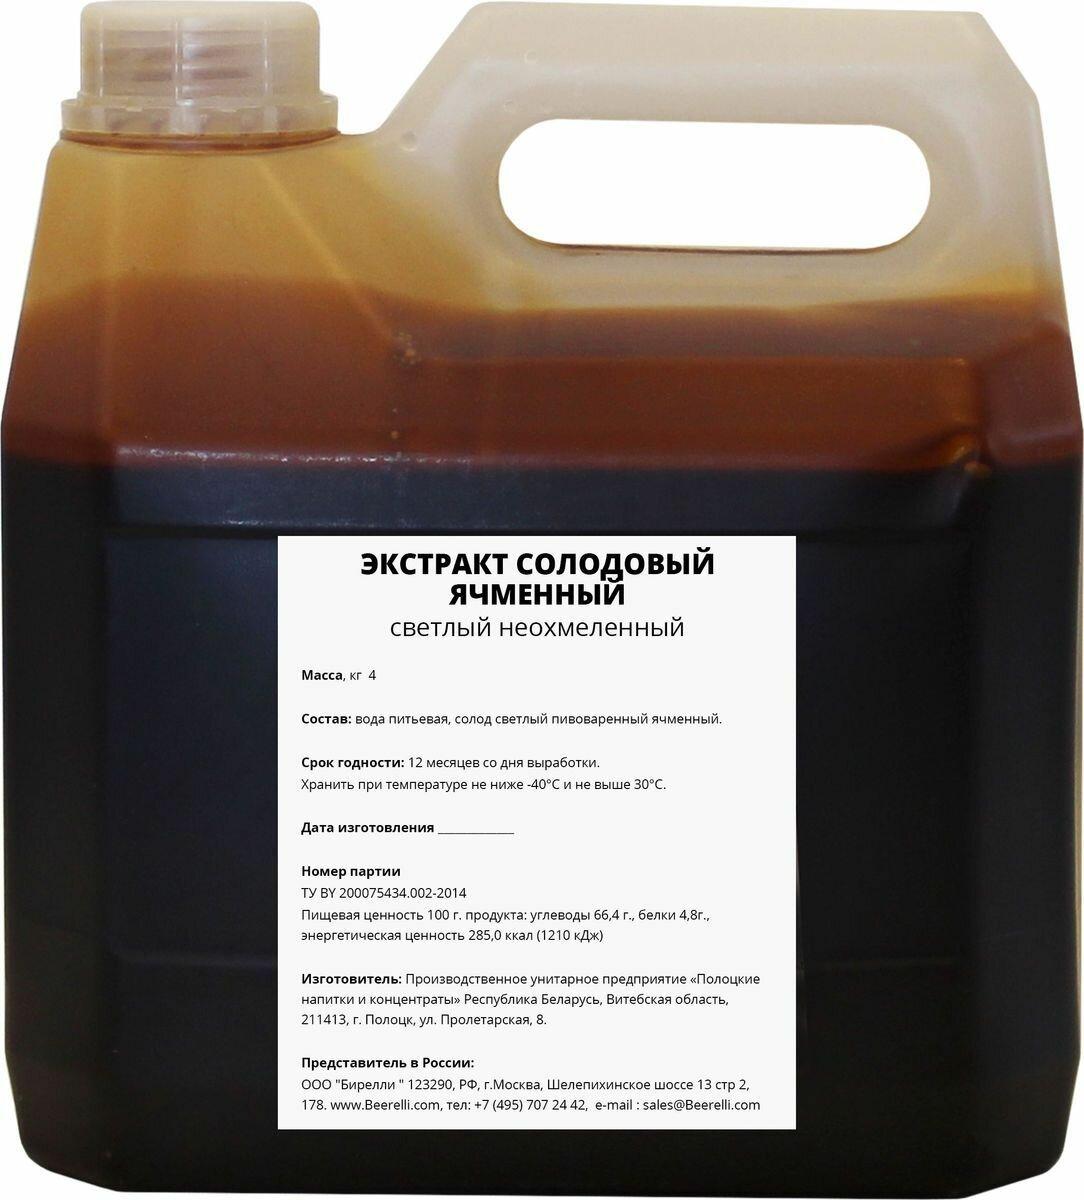 Полоцкие напитки и концентраты: экстракт солодовый ячменный светлый, неохмеленный, 4 кг